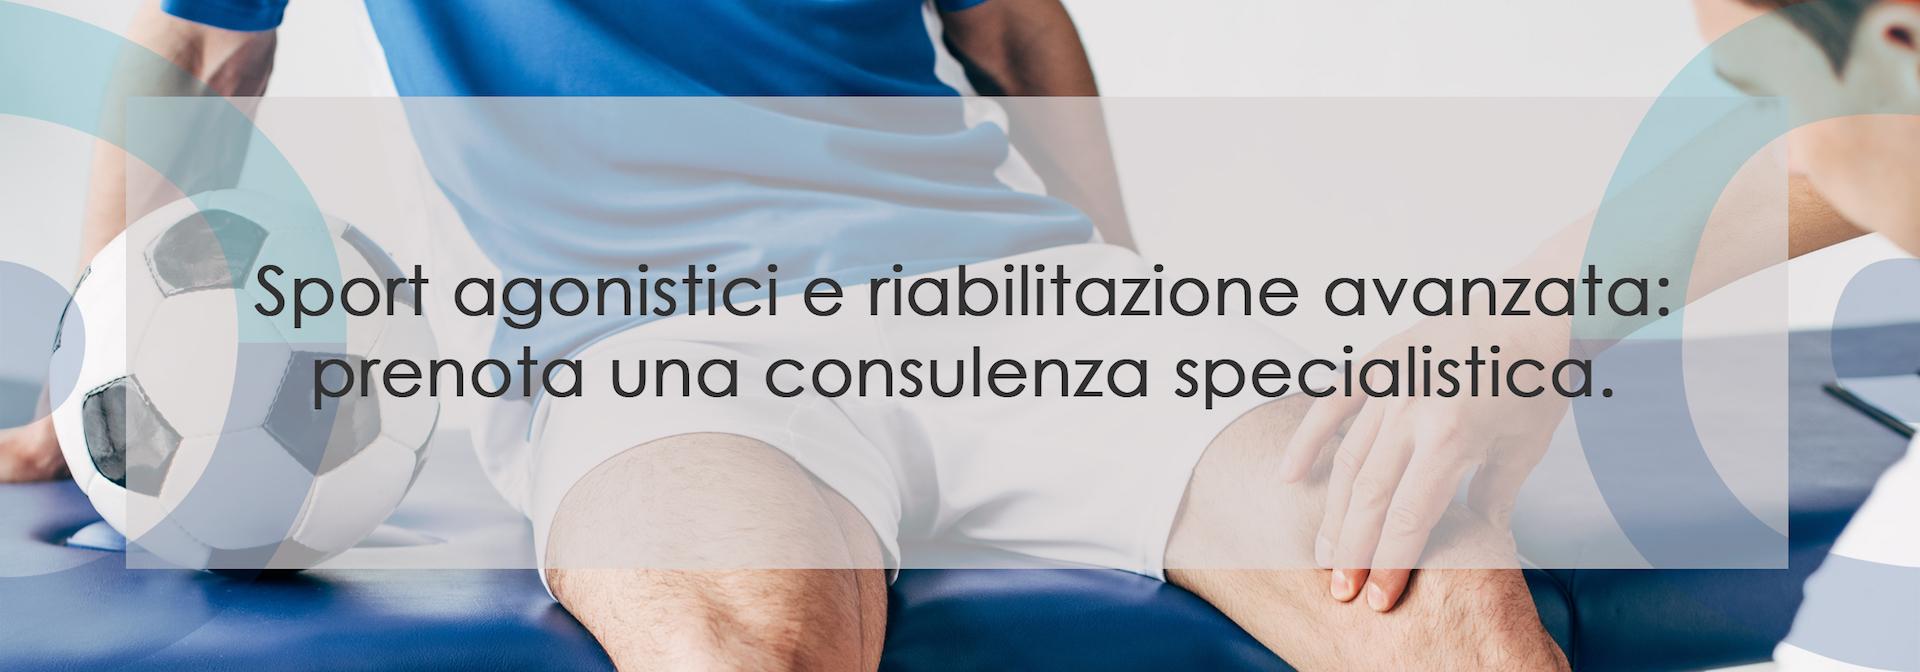 slider_sport_unisoma